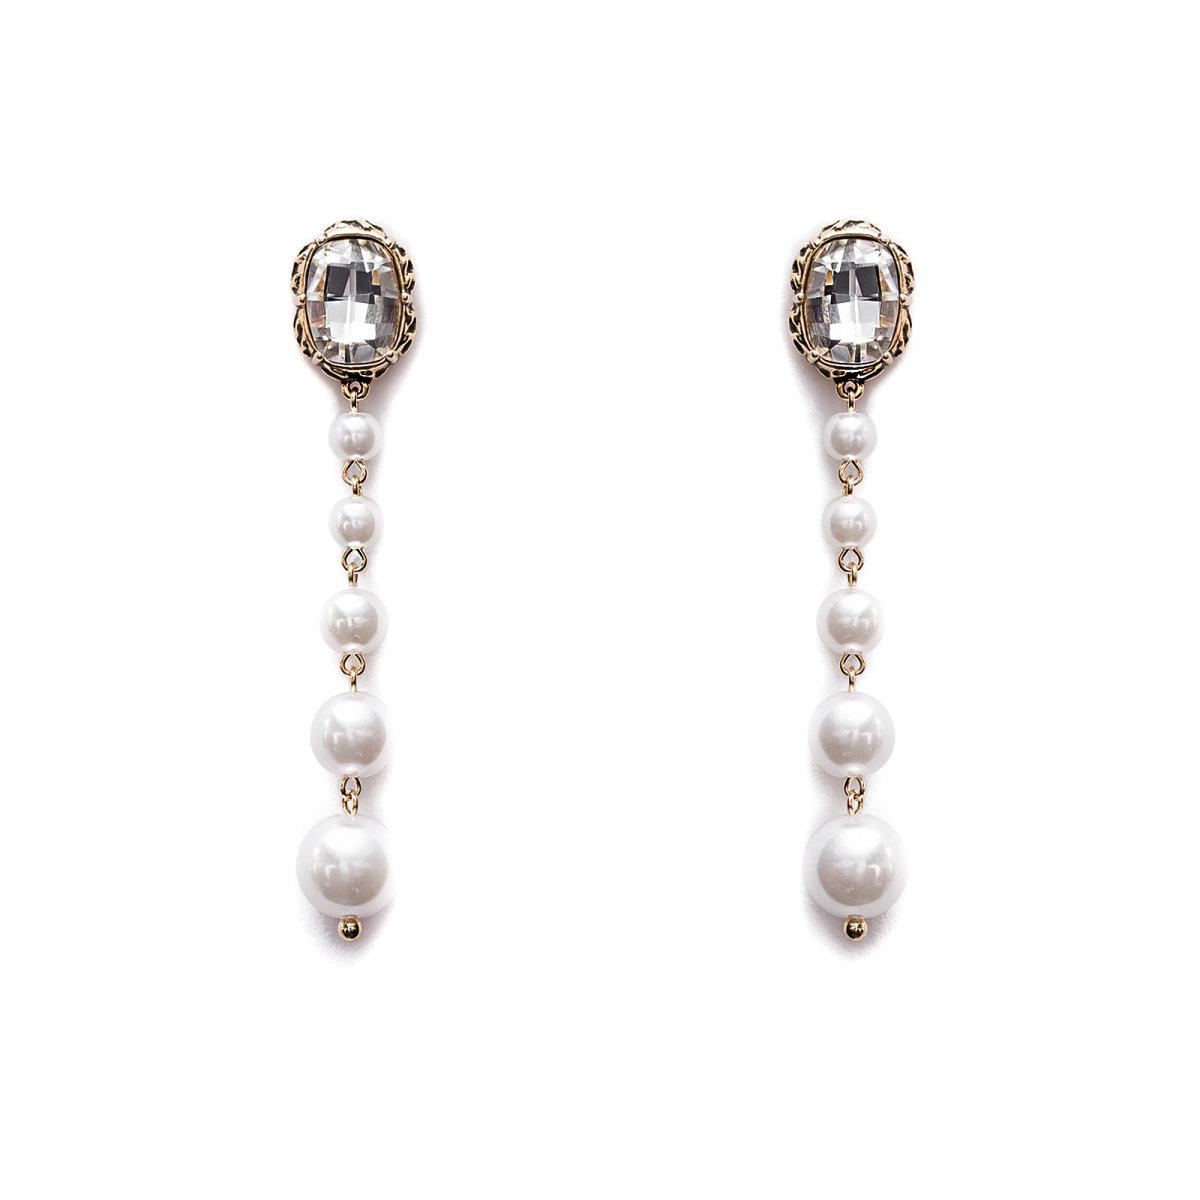 Cercei lungi cu aplicatii tip perle Auriu